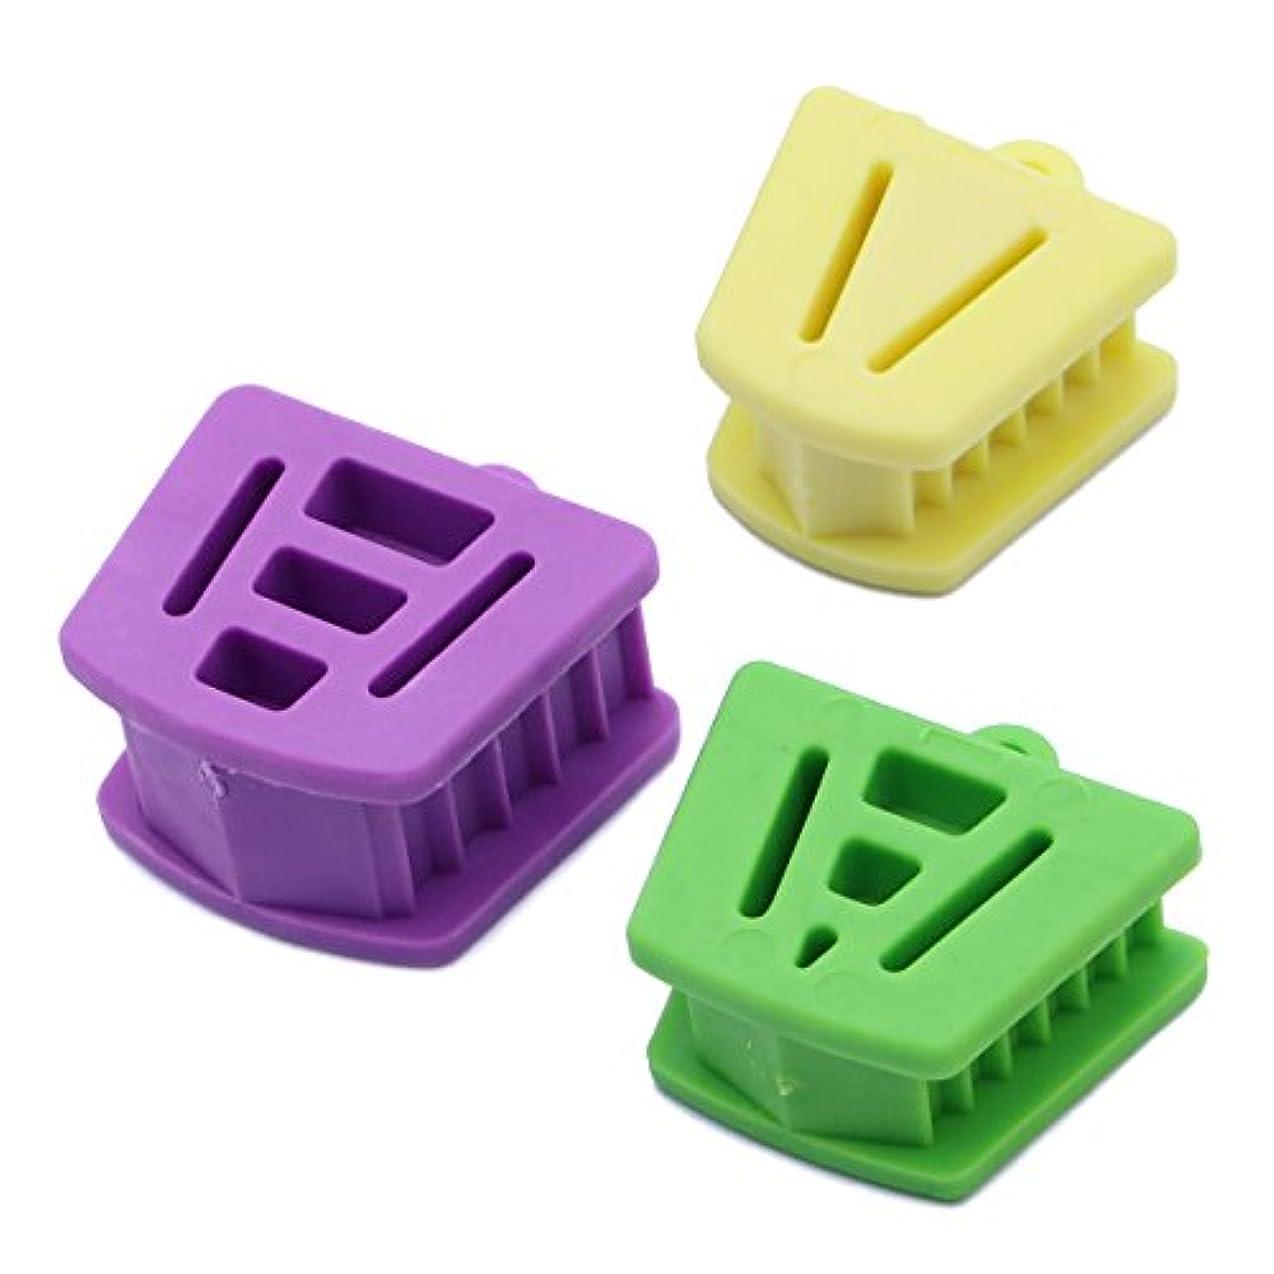 過度にパイントジョブHealifty 3個/パック口プロップバイトブロック歯科口腔内支持矯正用アクセサリー